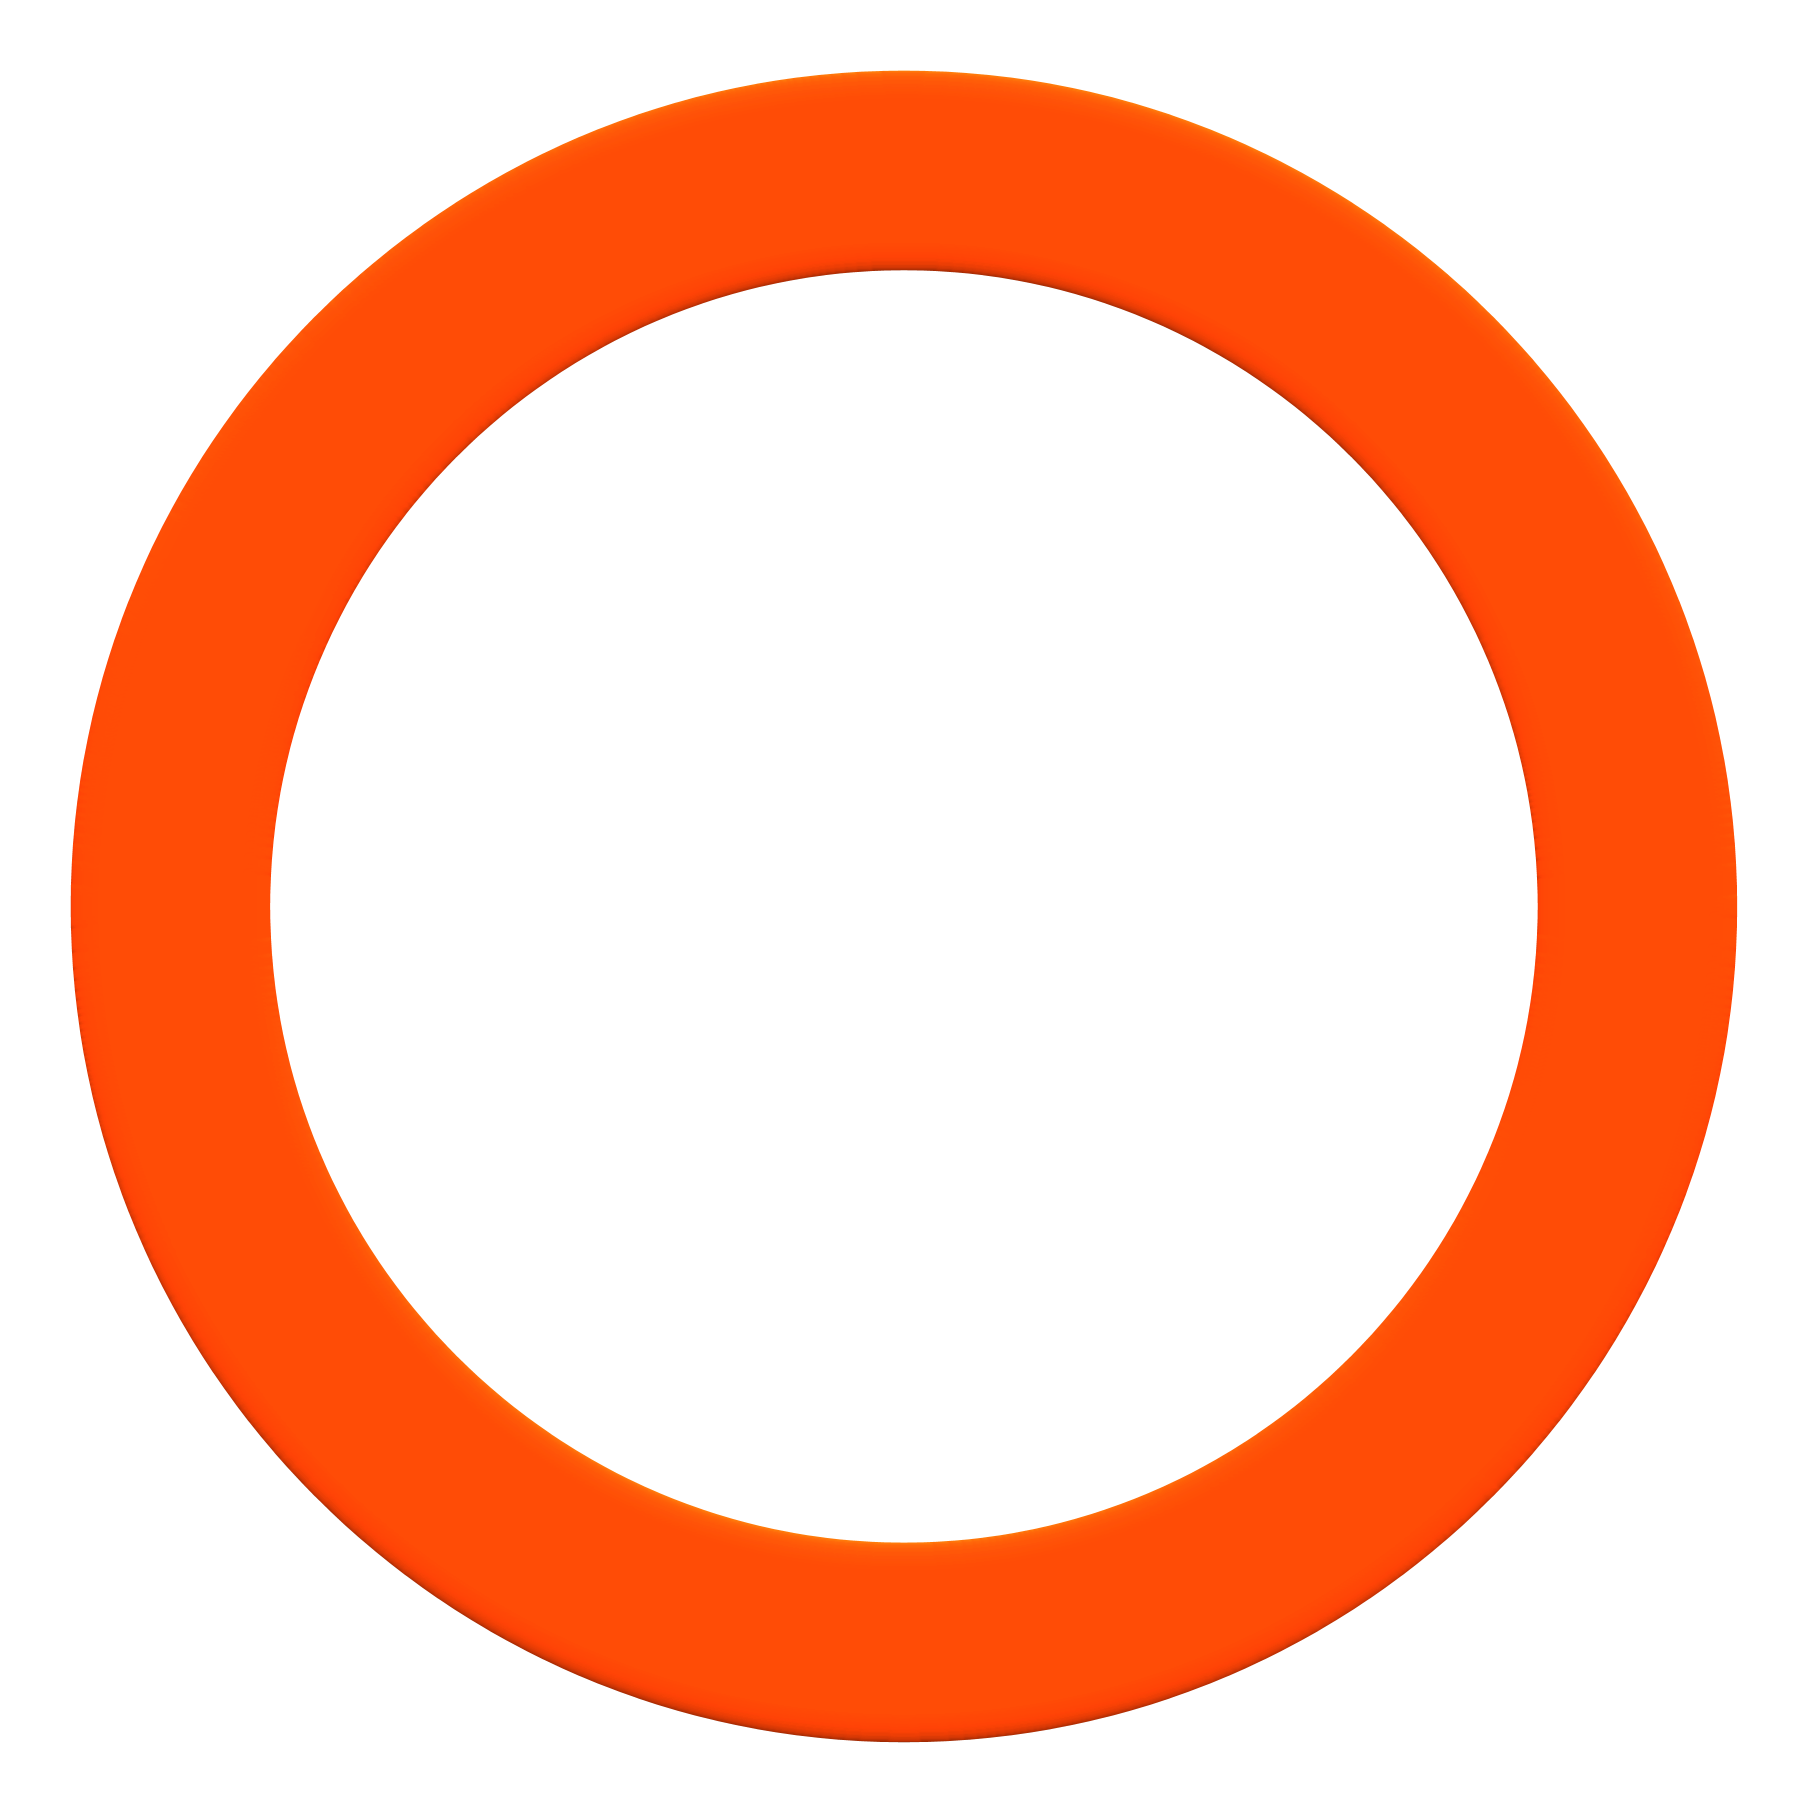 Circle PNG HD